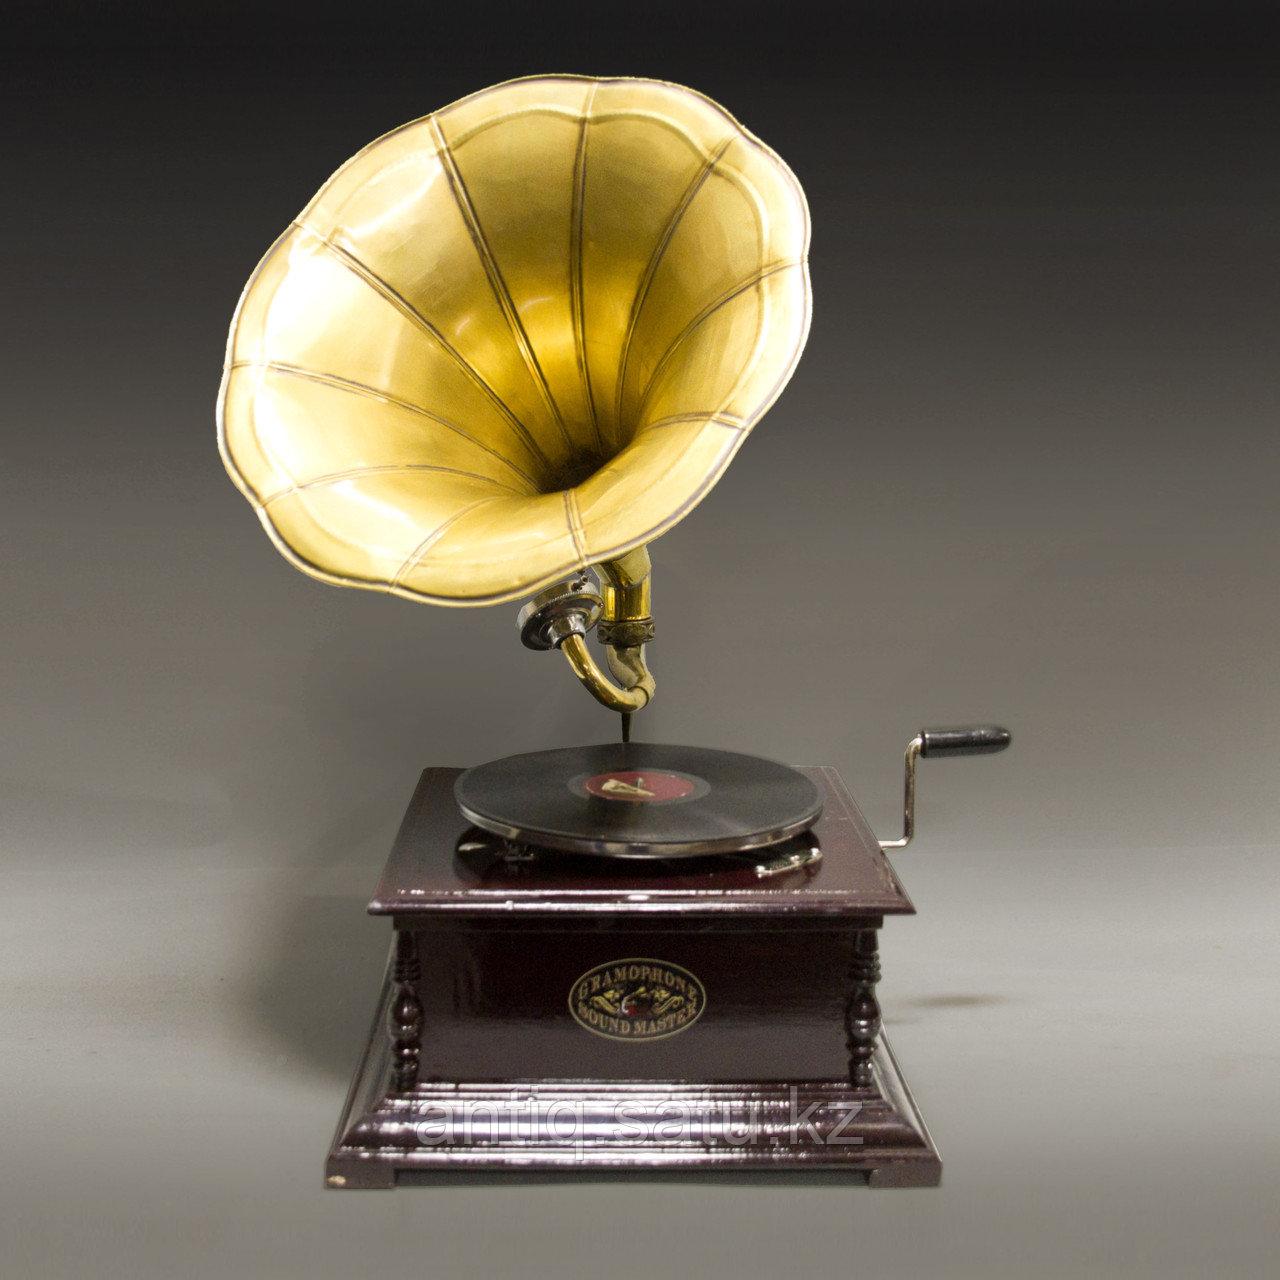 Голландский граммофон. 5 старинных пластинок в подарок покупателю. - фото 1